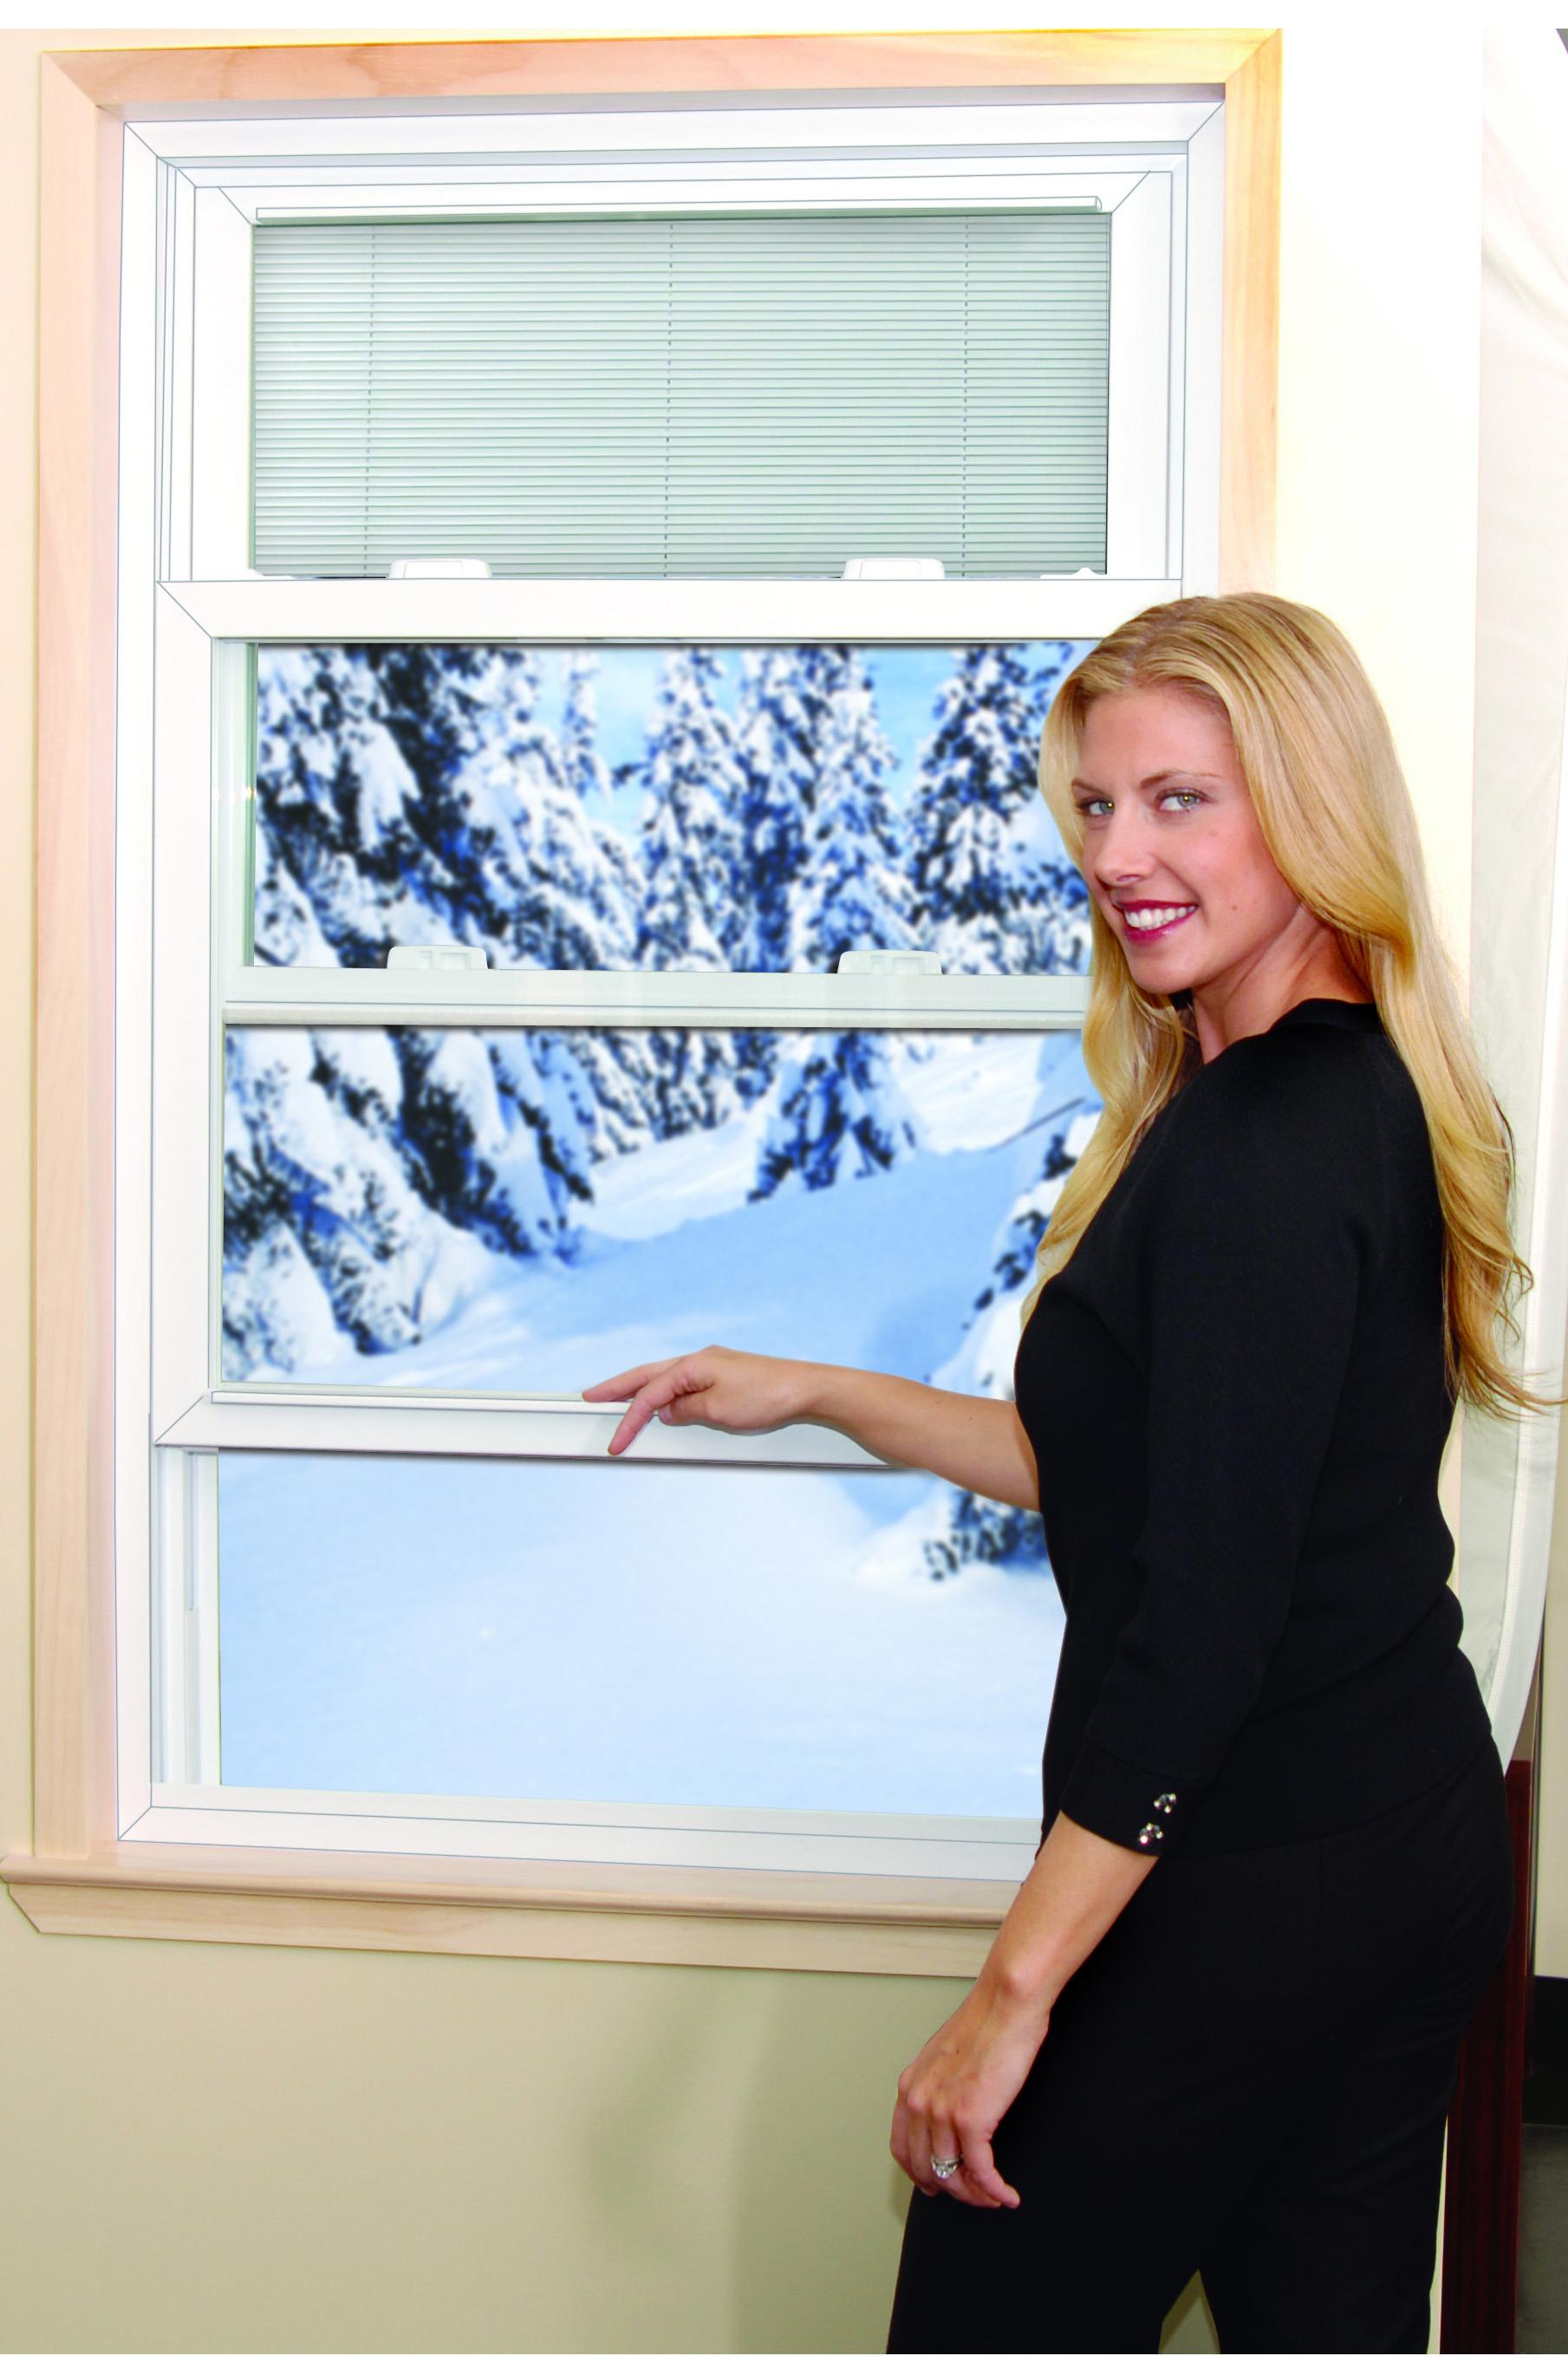 A woman closing an open window.